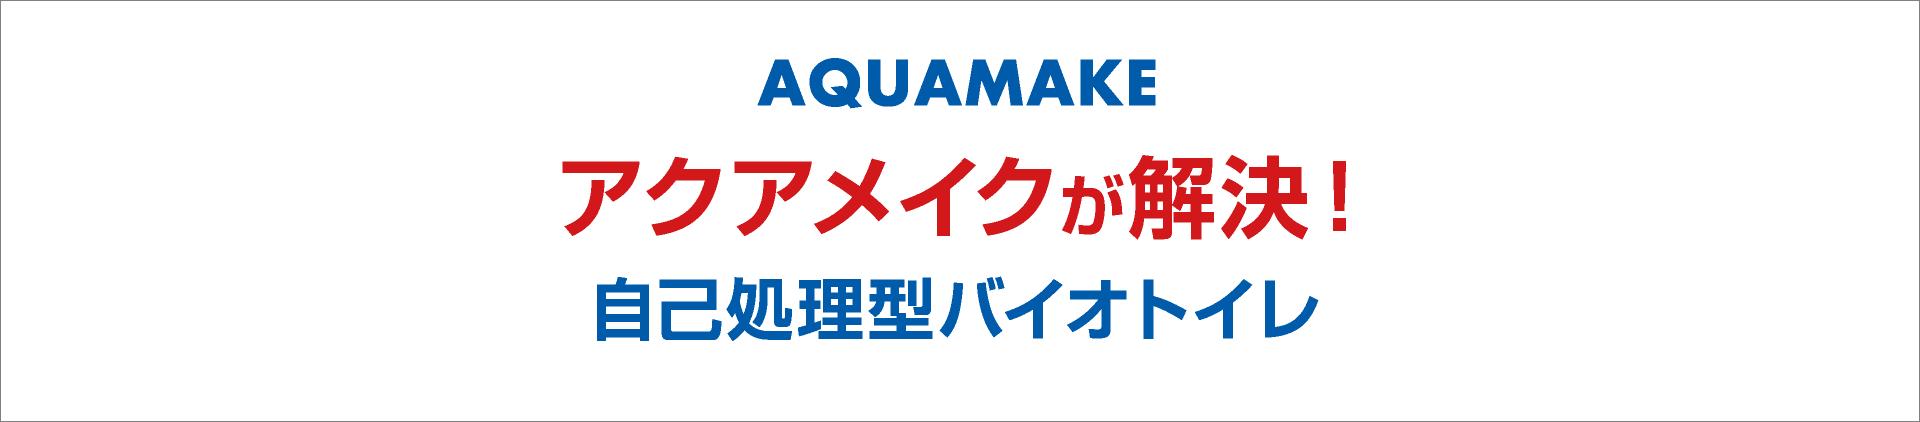 AQUAMAKE アクアメイクが解決!自己処理型バイオトイレ